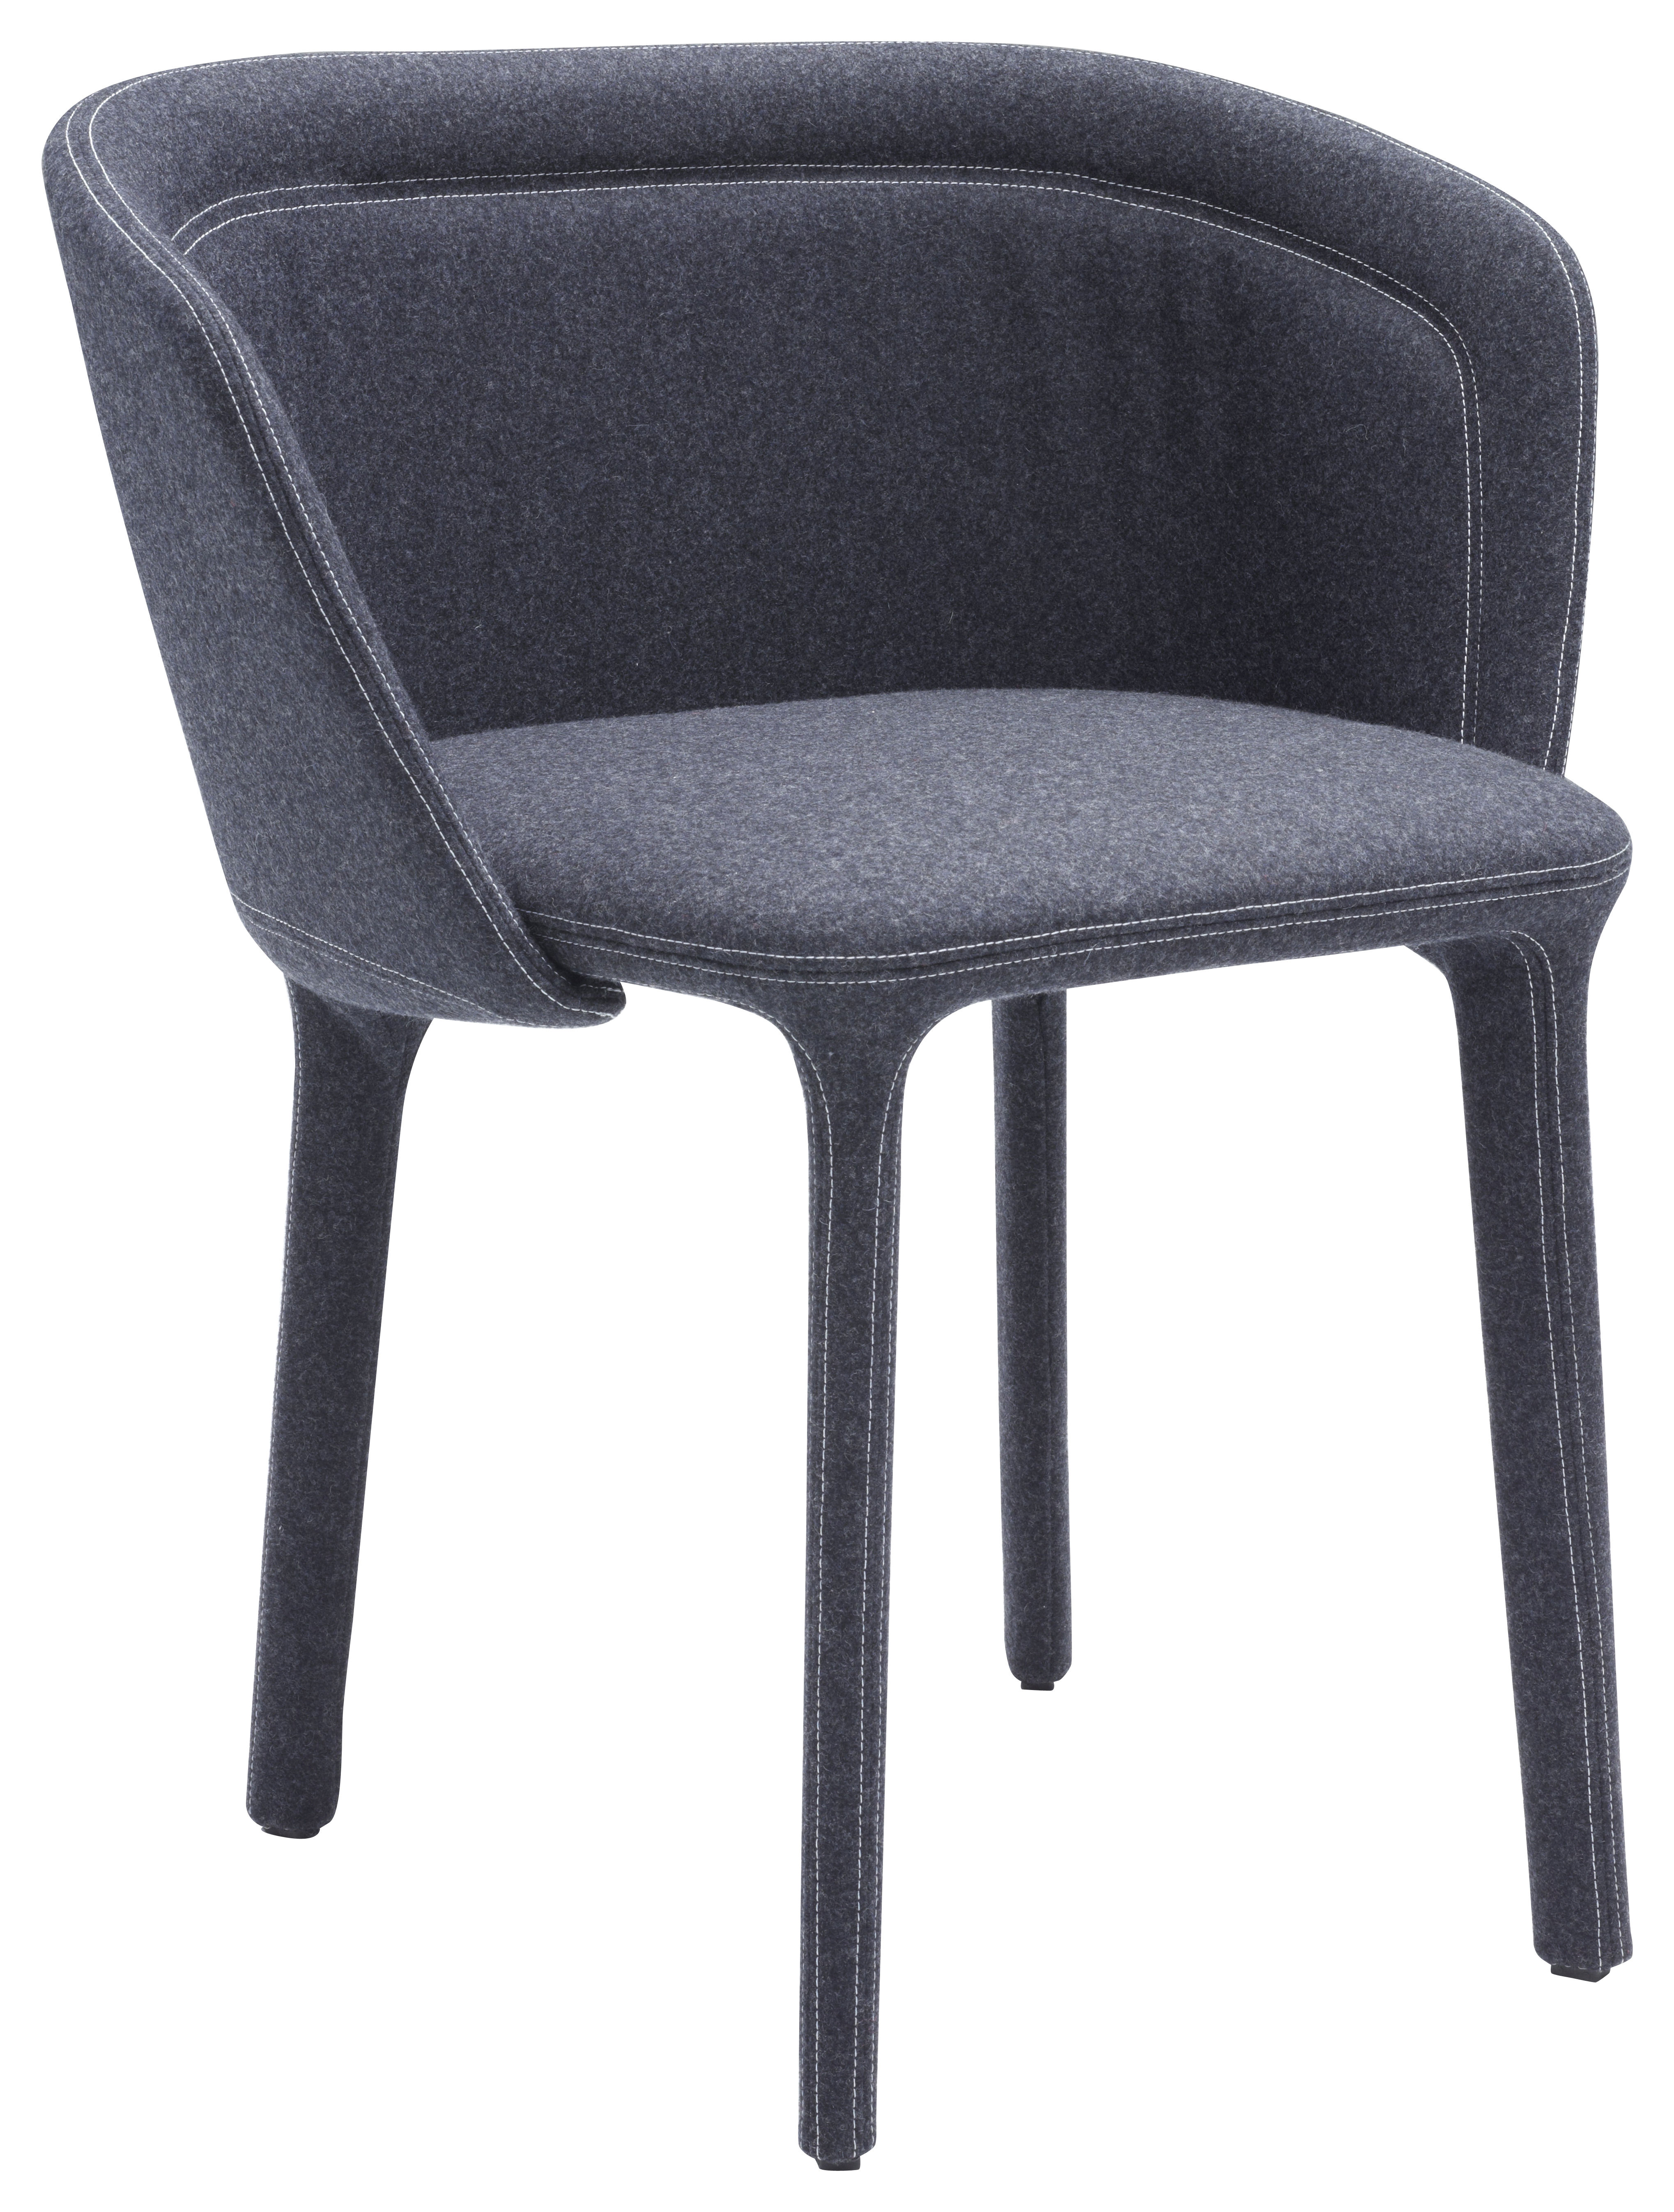 Mobilier - Chaises, fauteuils de salle à manger - Fauteuil rembourré Lepel / Tissu - Casamania - Tissu Divina gris / Couture blanche - Métal, Mousse polyuréthane, Tissu Kvadrat